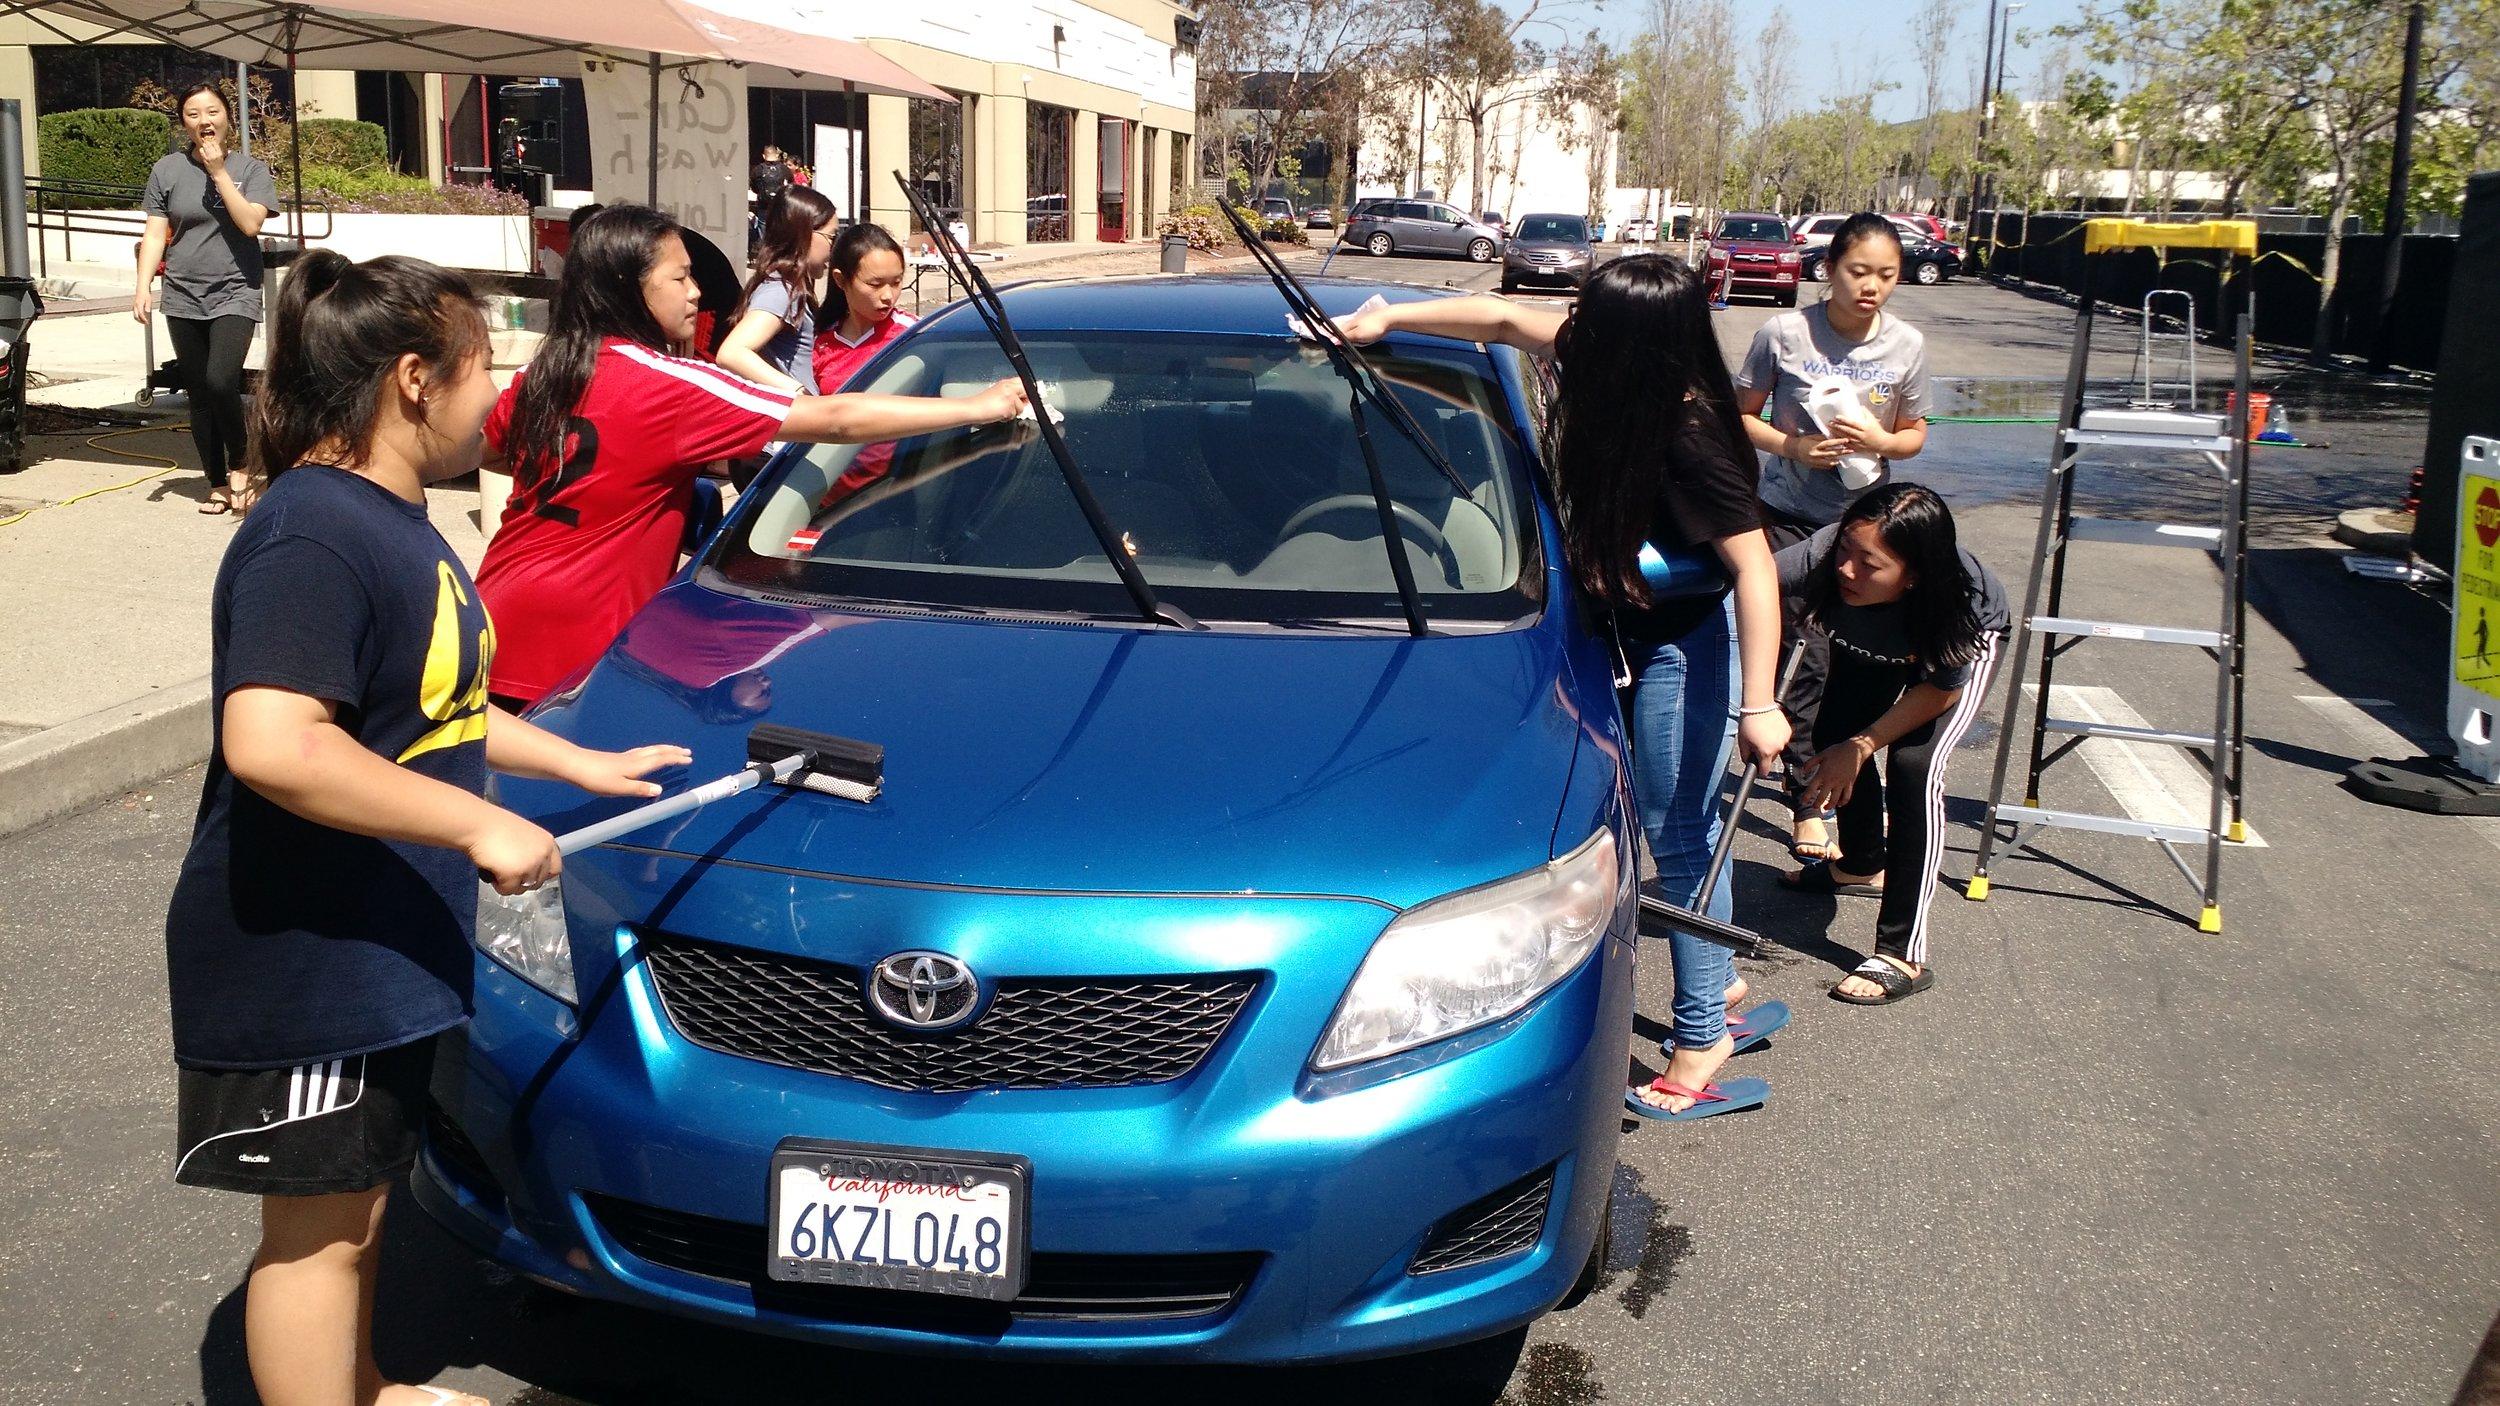 car_wash11.jpg